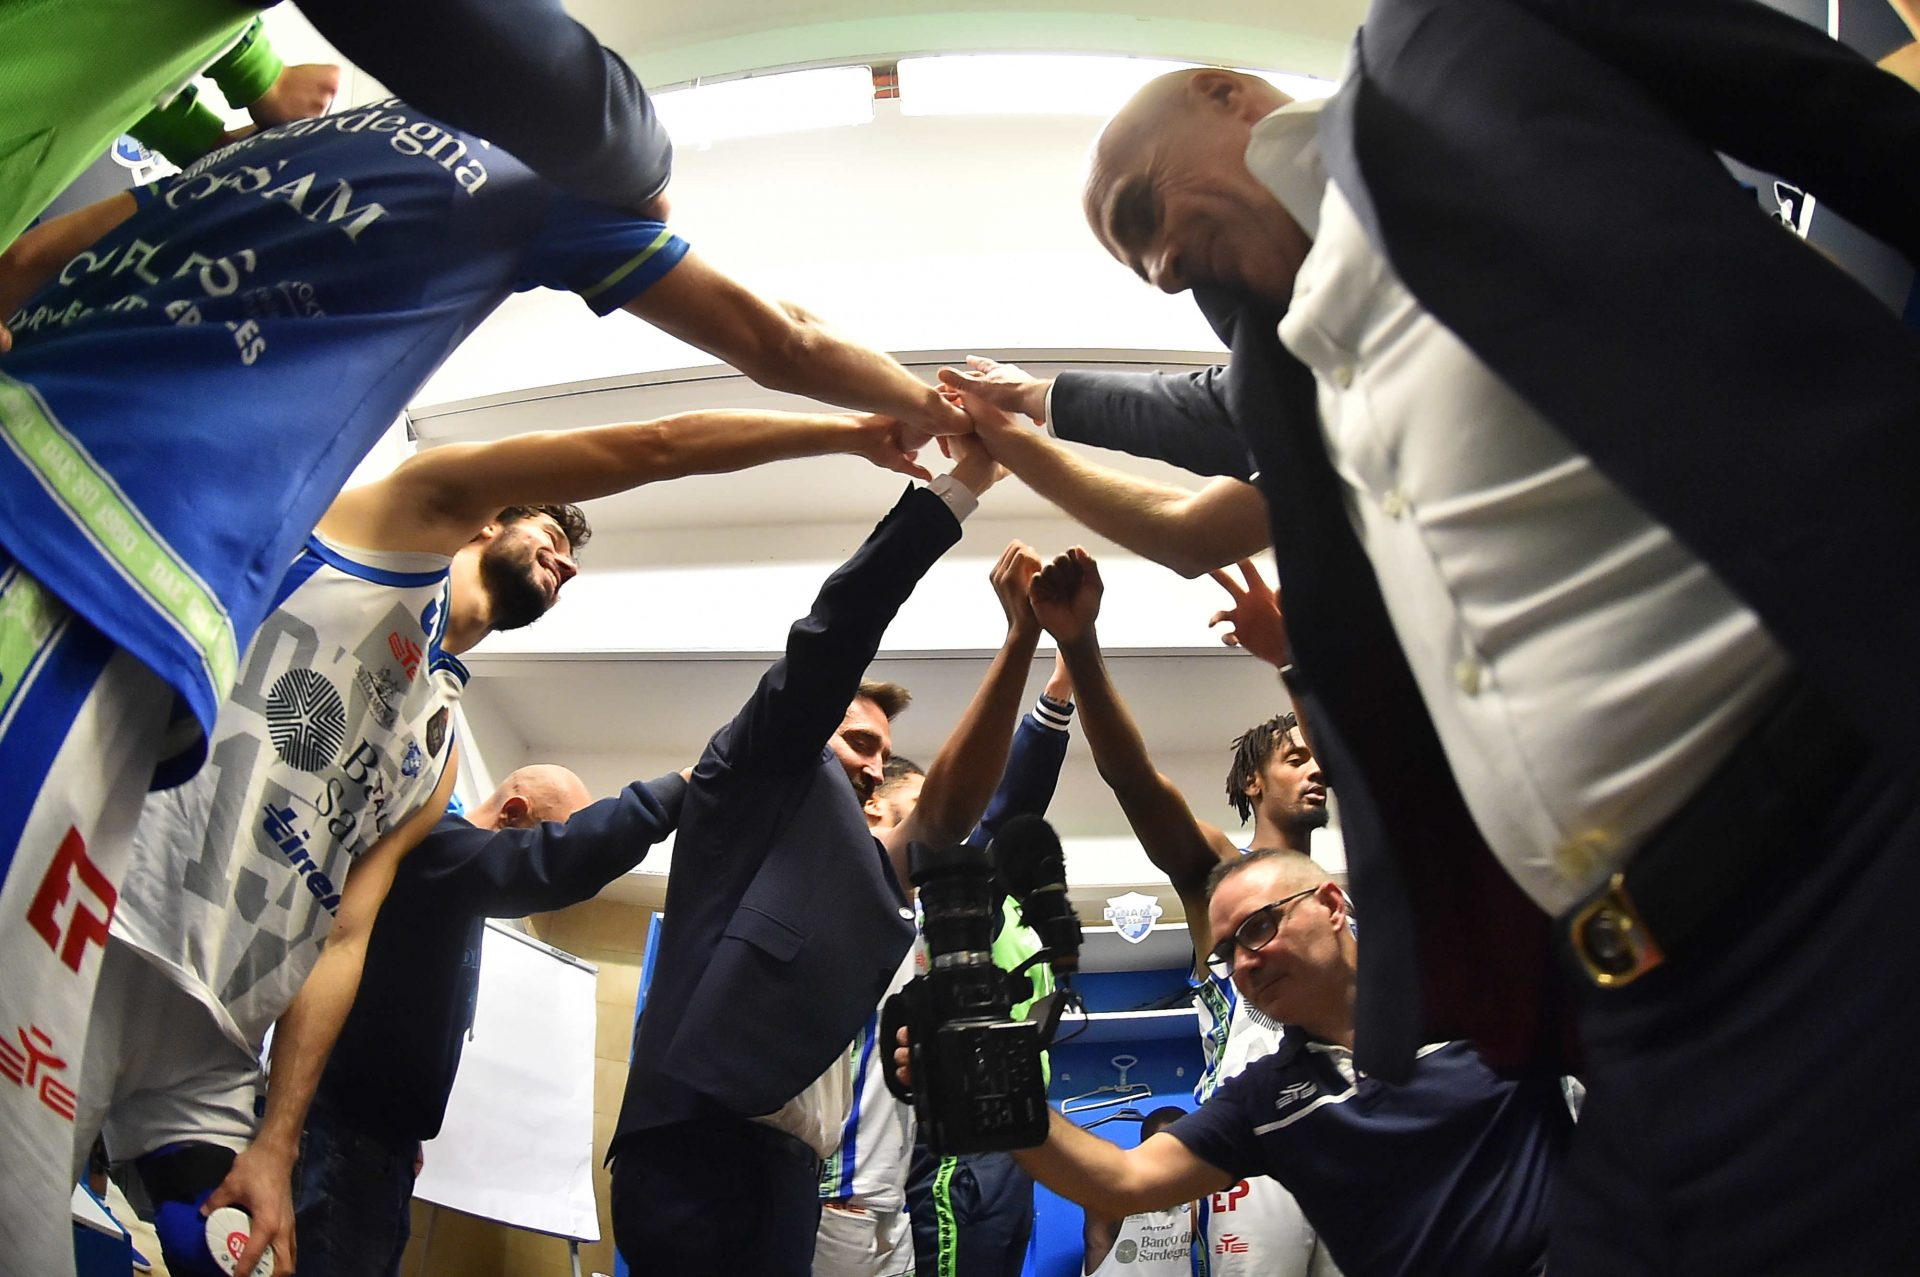 MaraMEO alla Vanoli Cremona: l'ultima partita dell'anno finisce 84-74 per i Giganti